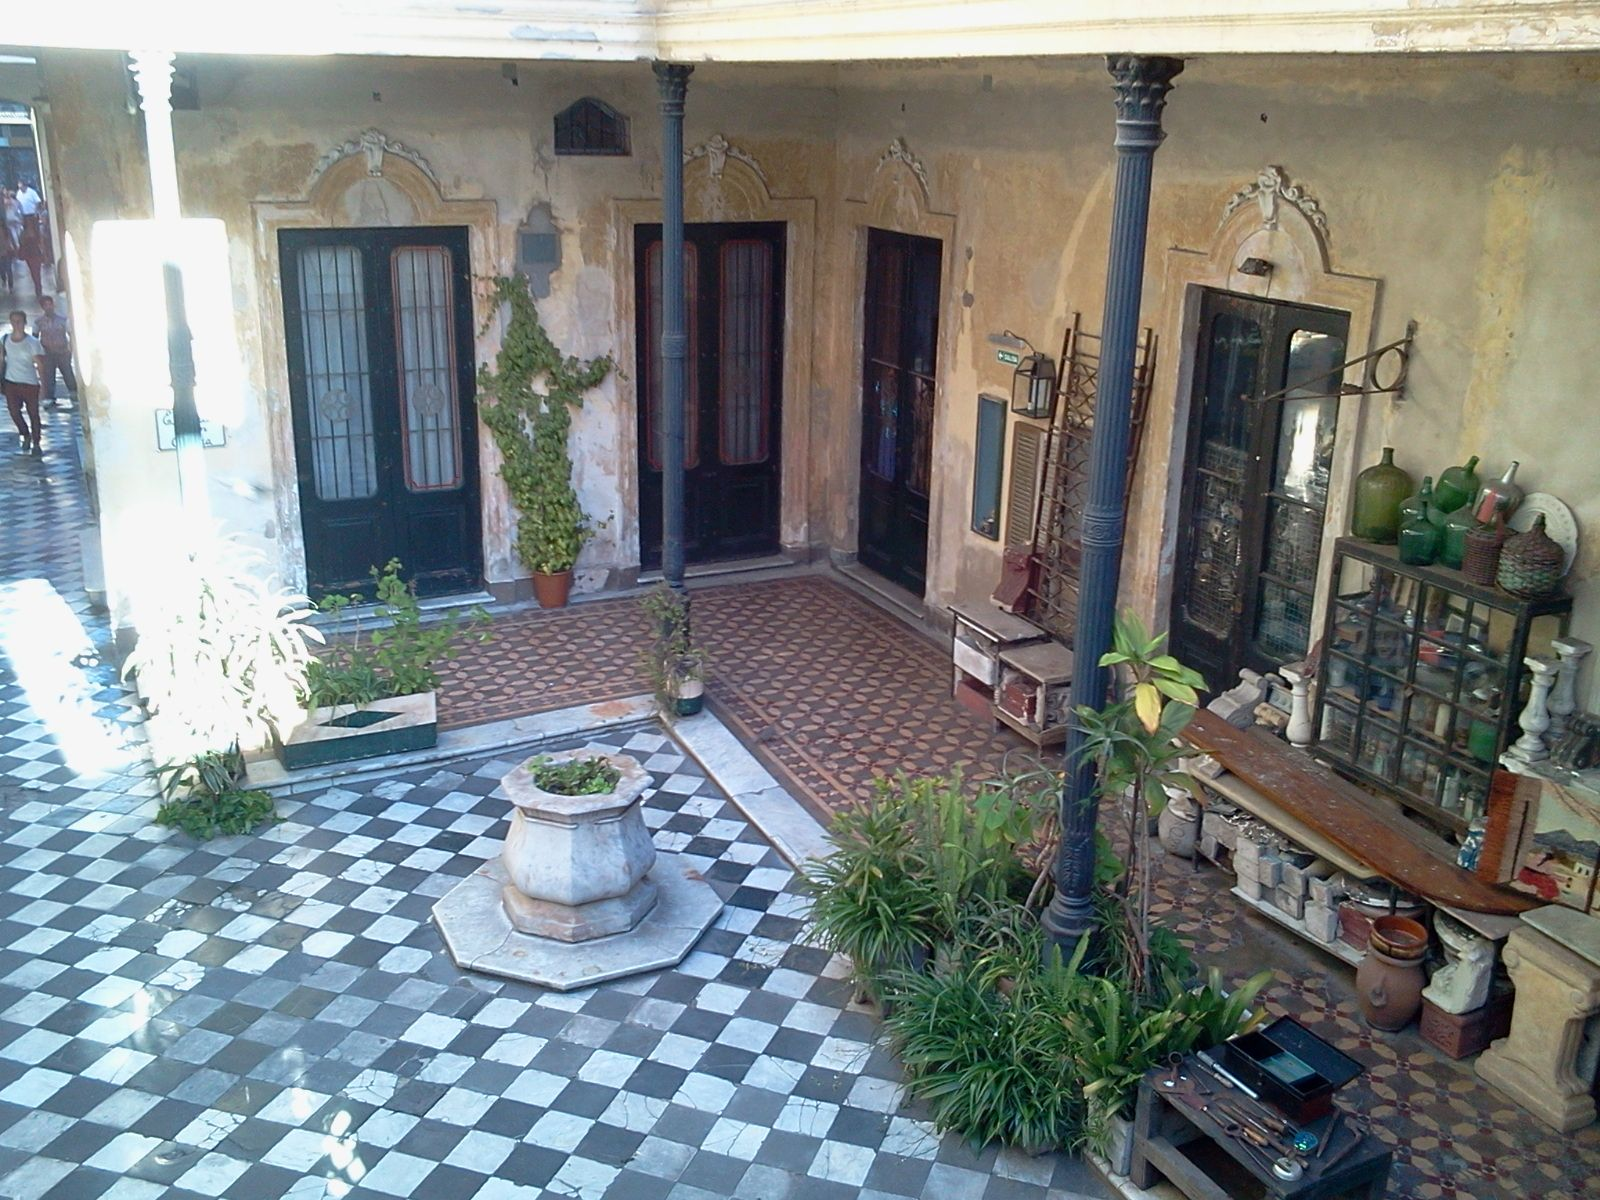 Casa antigua. San Telmo, Buenos Aires. Casas antiguas